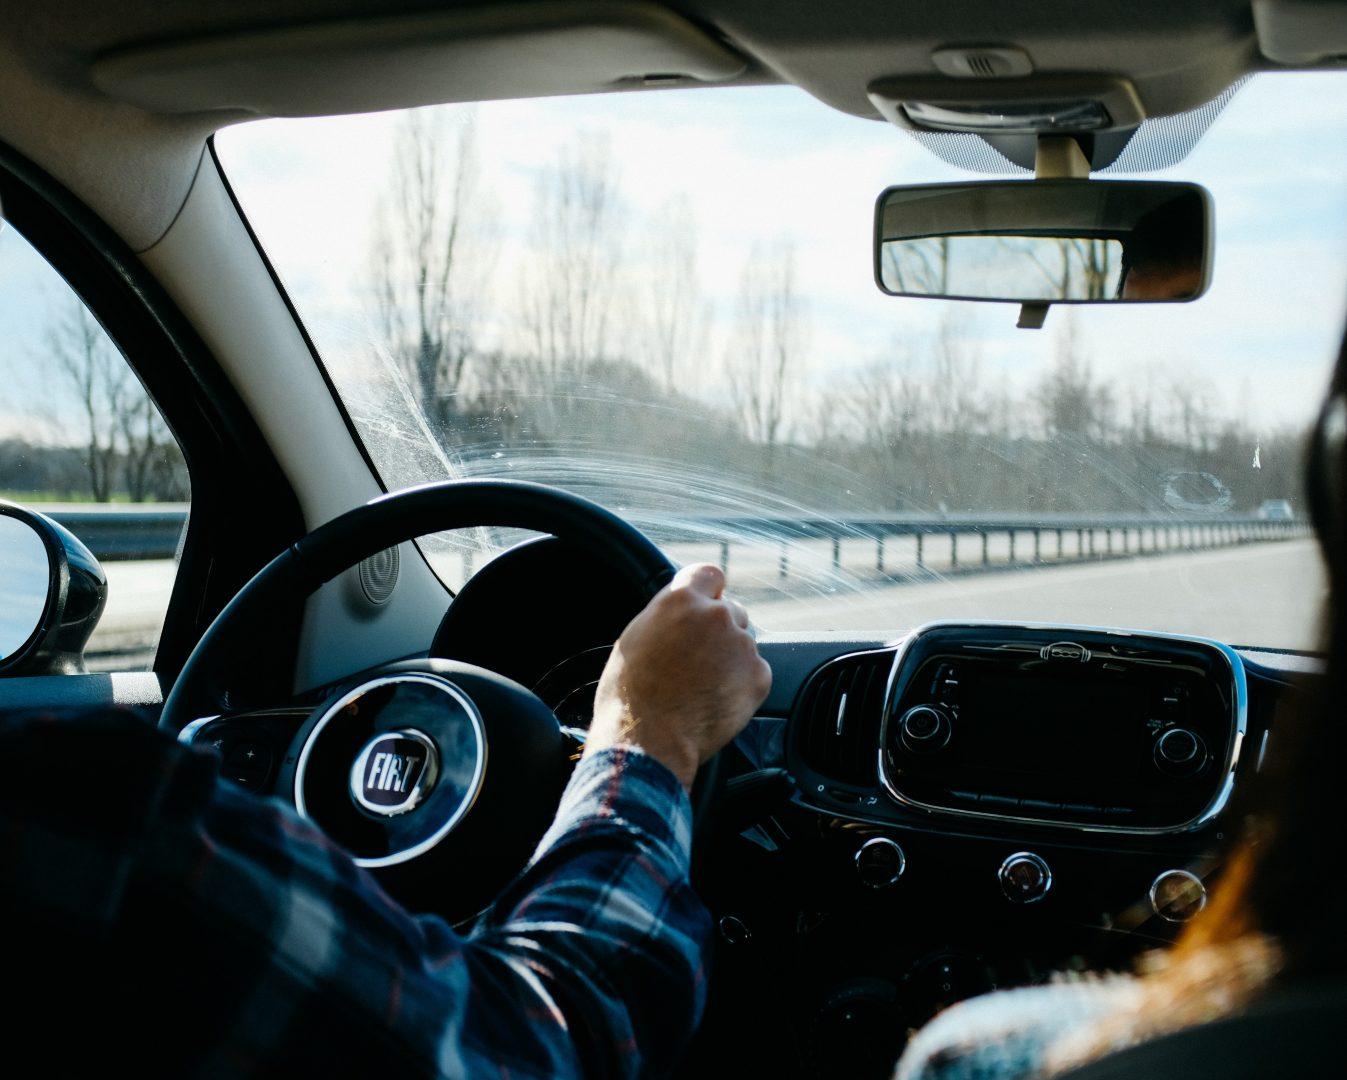 Apple brevetează o tehnologie care permite detectarea fisurilor în parbrize auto înainte ca dauna să devină vizibilă